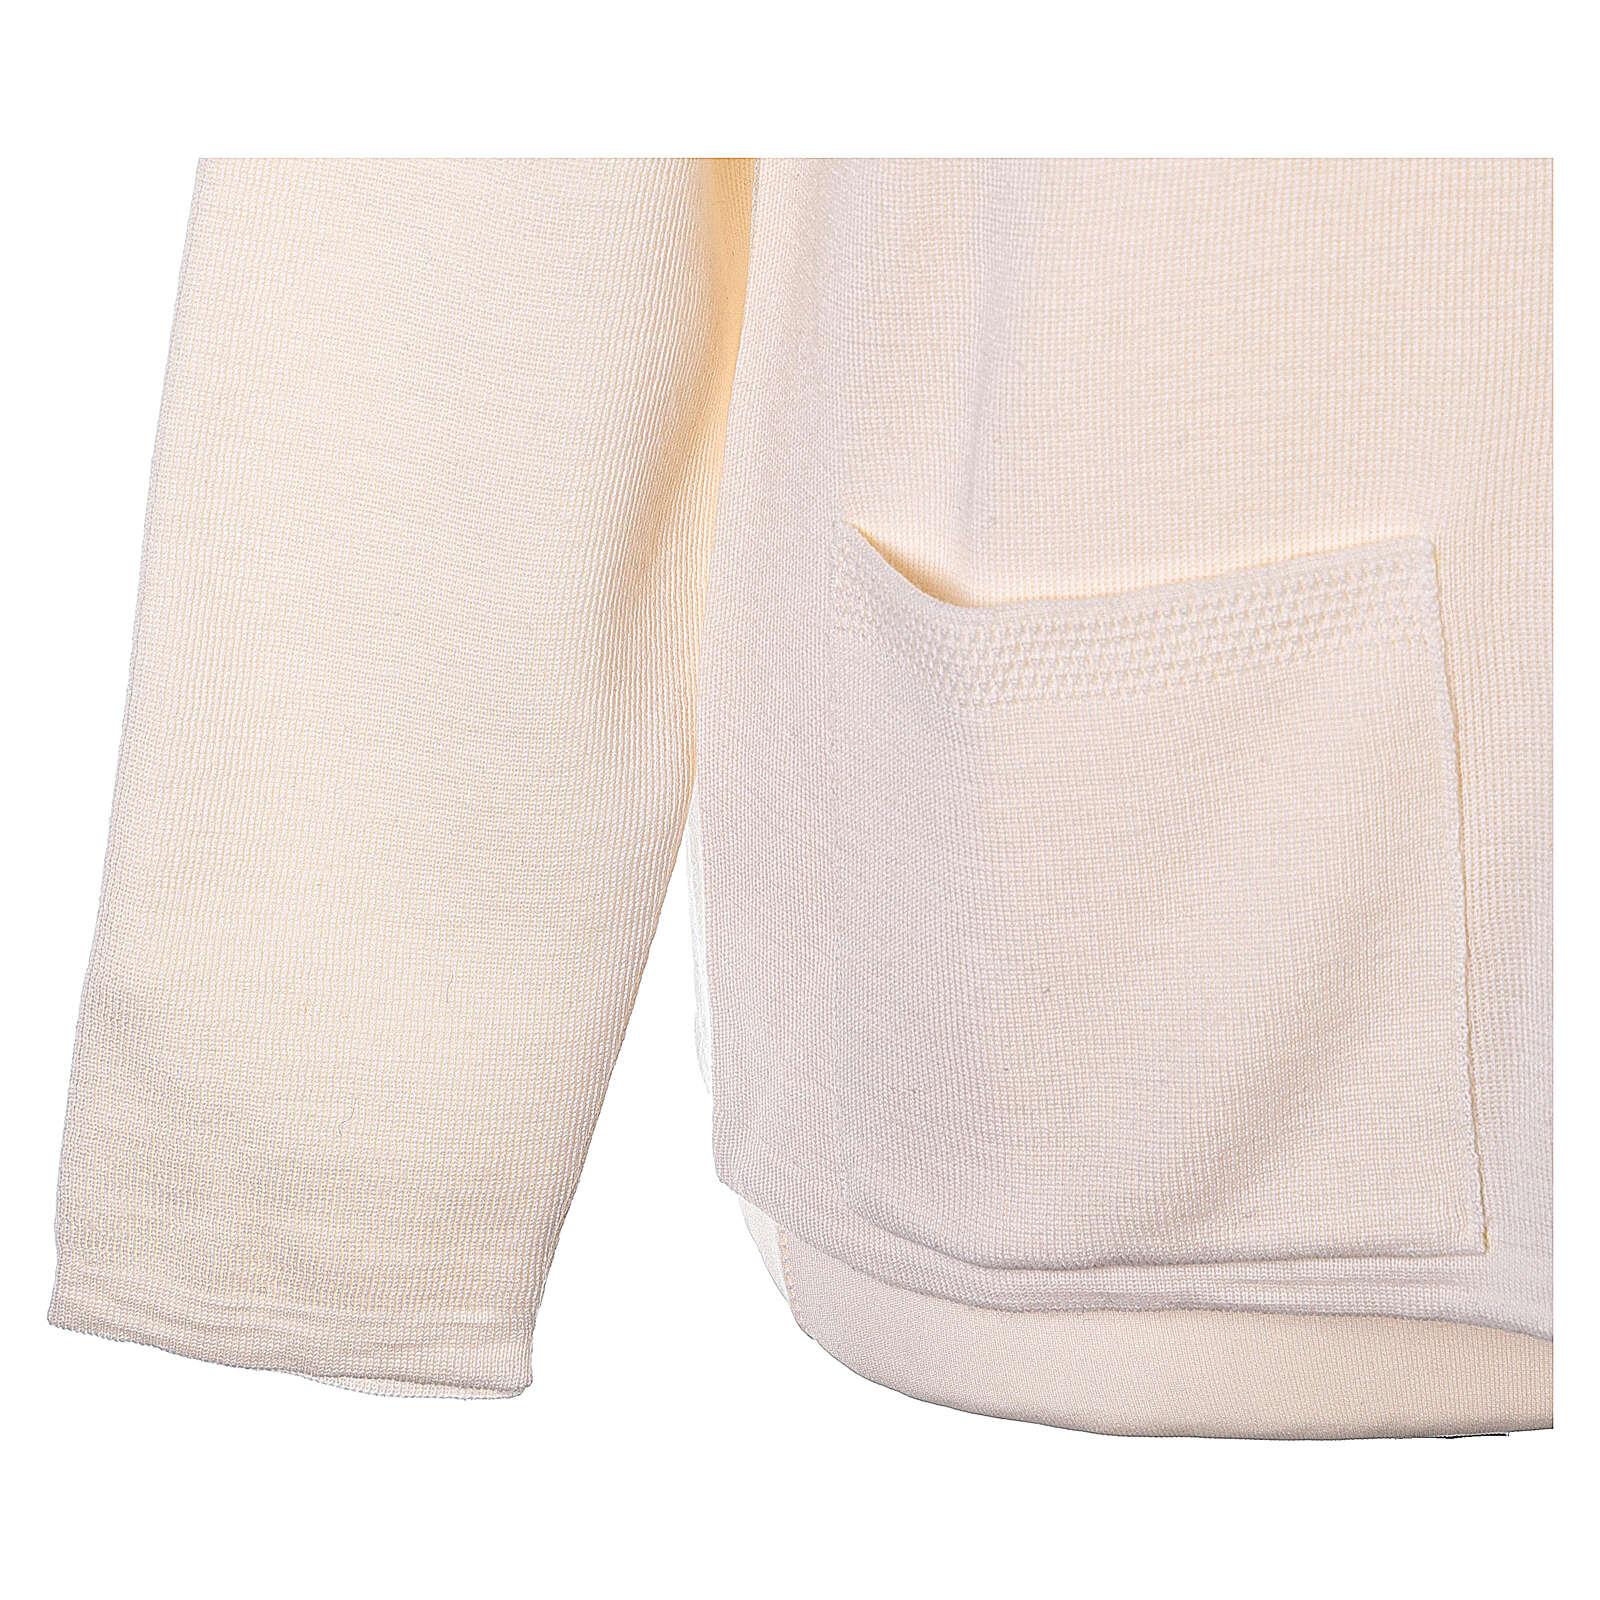 Cardigan suora bianco coreana tasche TAGLIE CONF. 50% acr. 50% merino In Primis 4